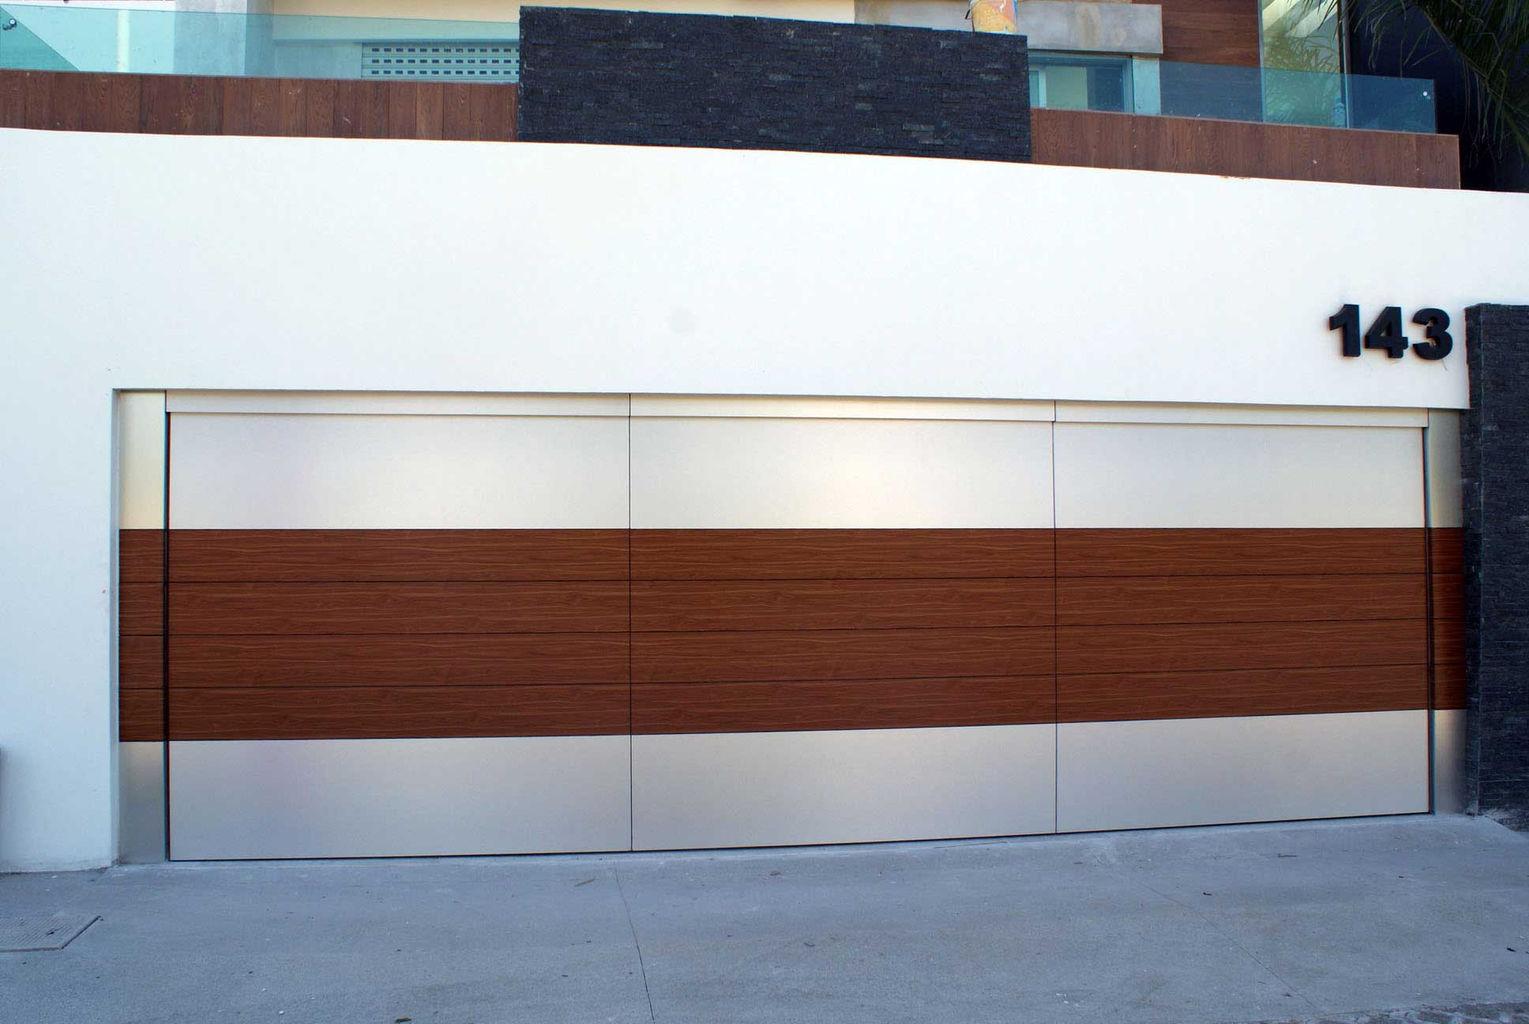 Puertas para cocheras electricas tips para elegir una puerta de garage productos puertas de - Puertas para cocheras electricas ...